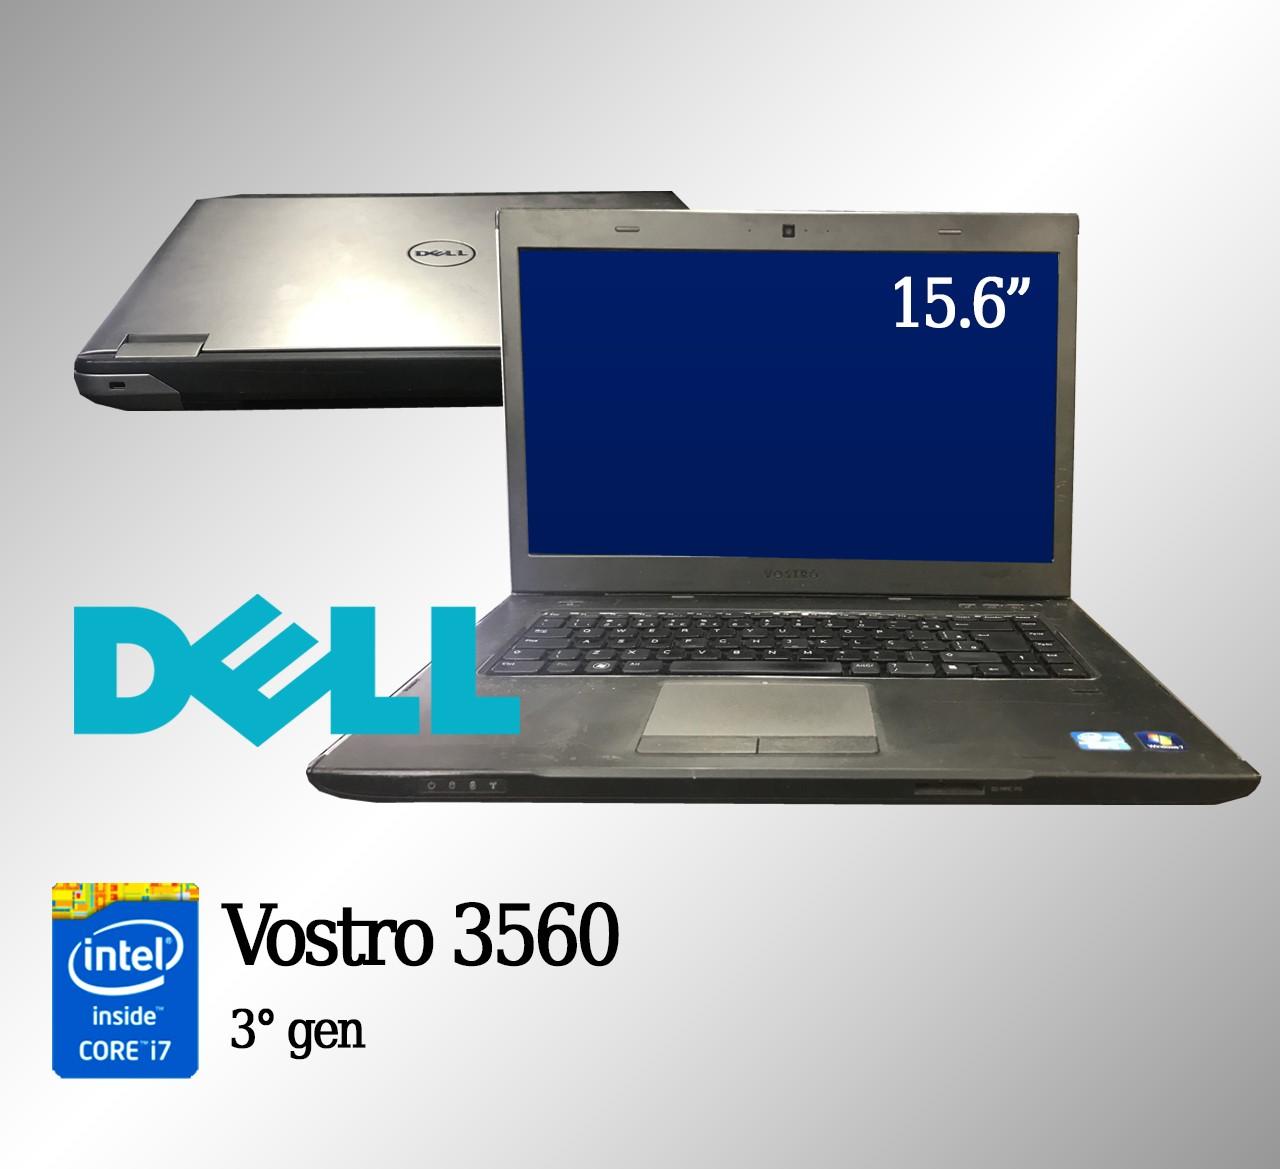 Laptop Dell Vostro 3560 Intel i7 de 3a. Geração 4GB  de memória RAM e 500GB de Disco